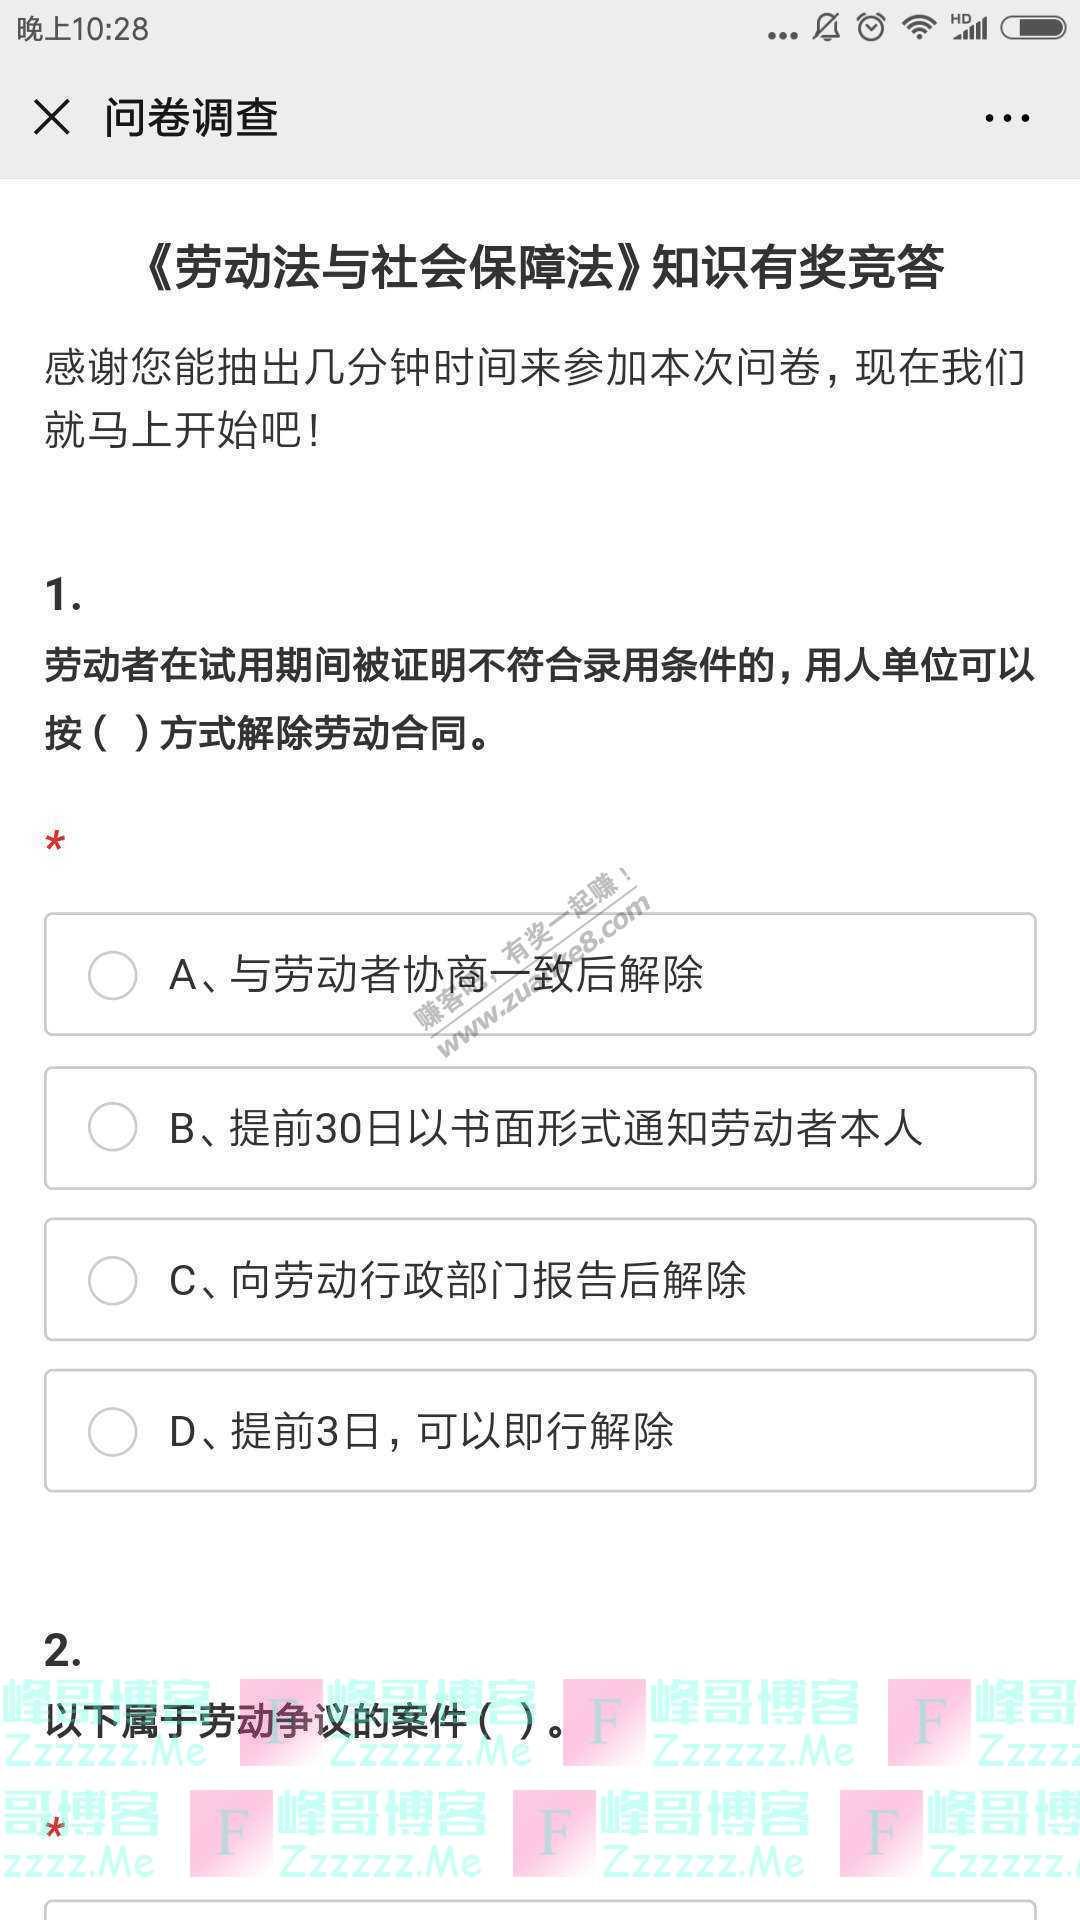 江苏省私个协会答题赢红包开始了,还有免费直播课哦(截止10月18日)